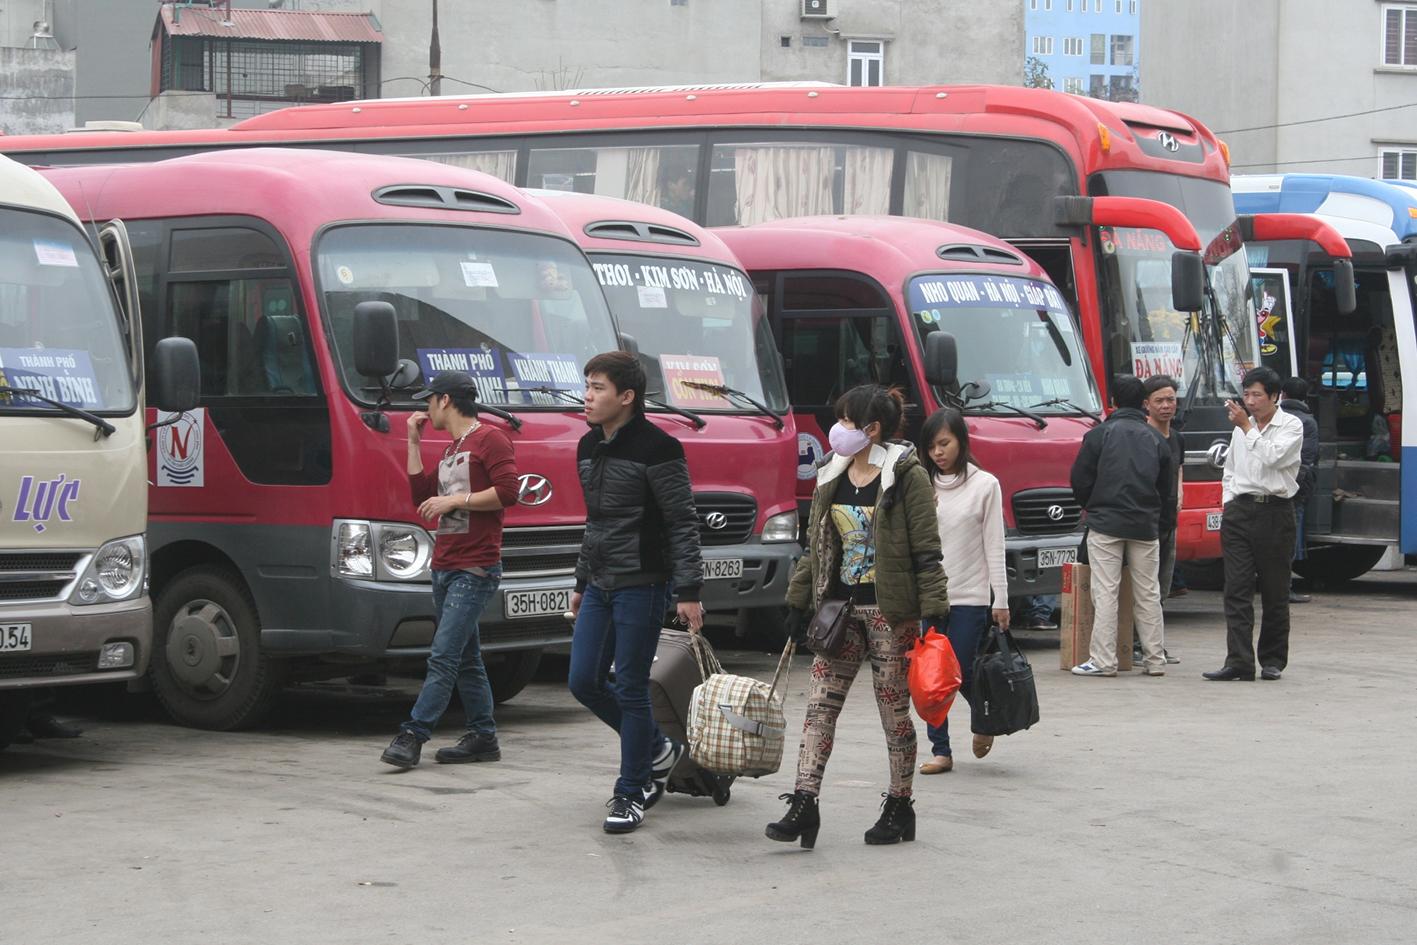 Hà Nội: Tăng chuyến xe khách, tăng toa tàu hỏa phục vụ Tết ảnh 1